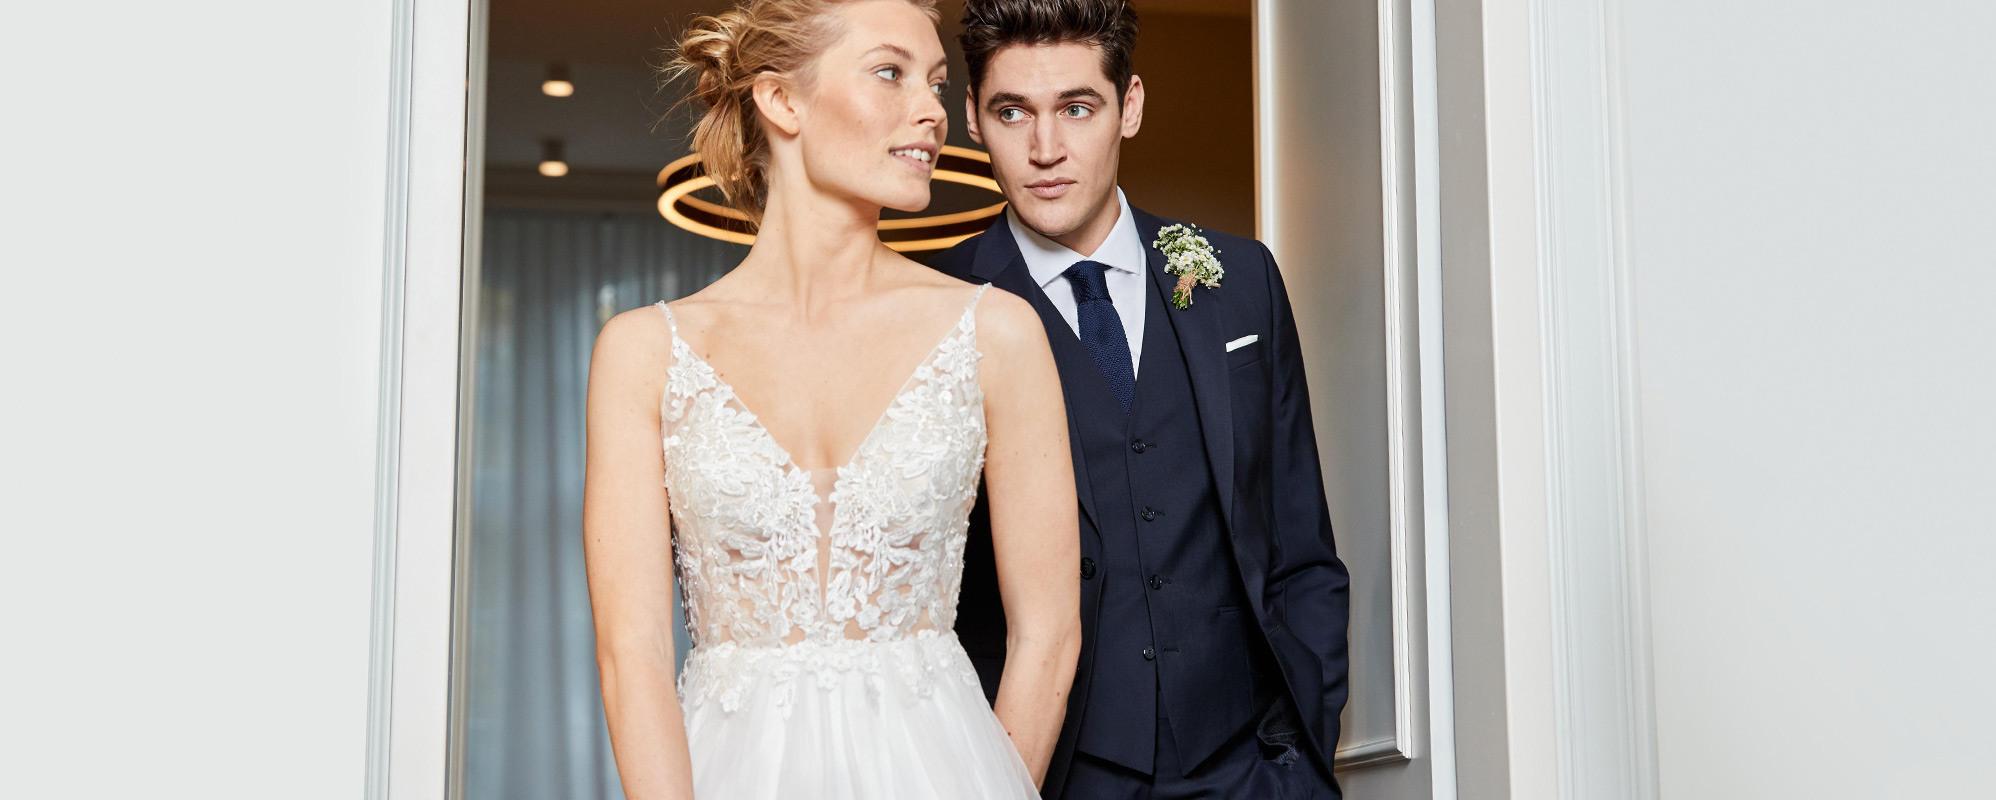 Hochzeitsmode Damen & Herren 2020 ▷ P&c Online Shop